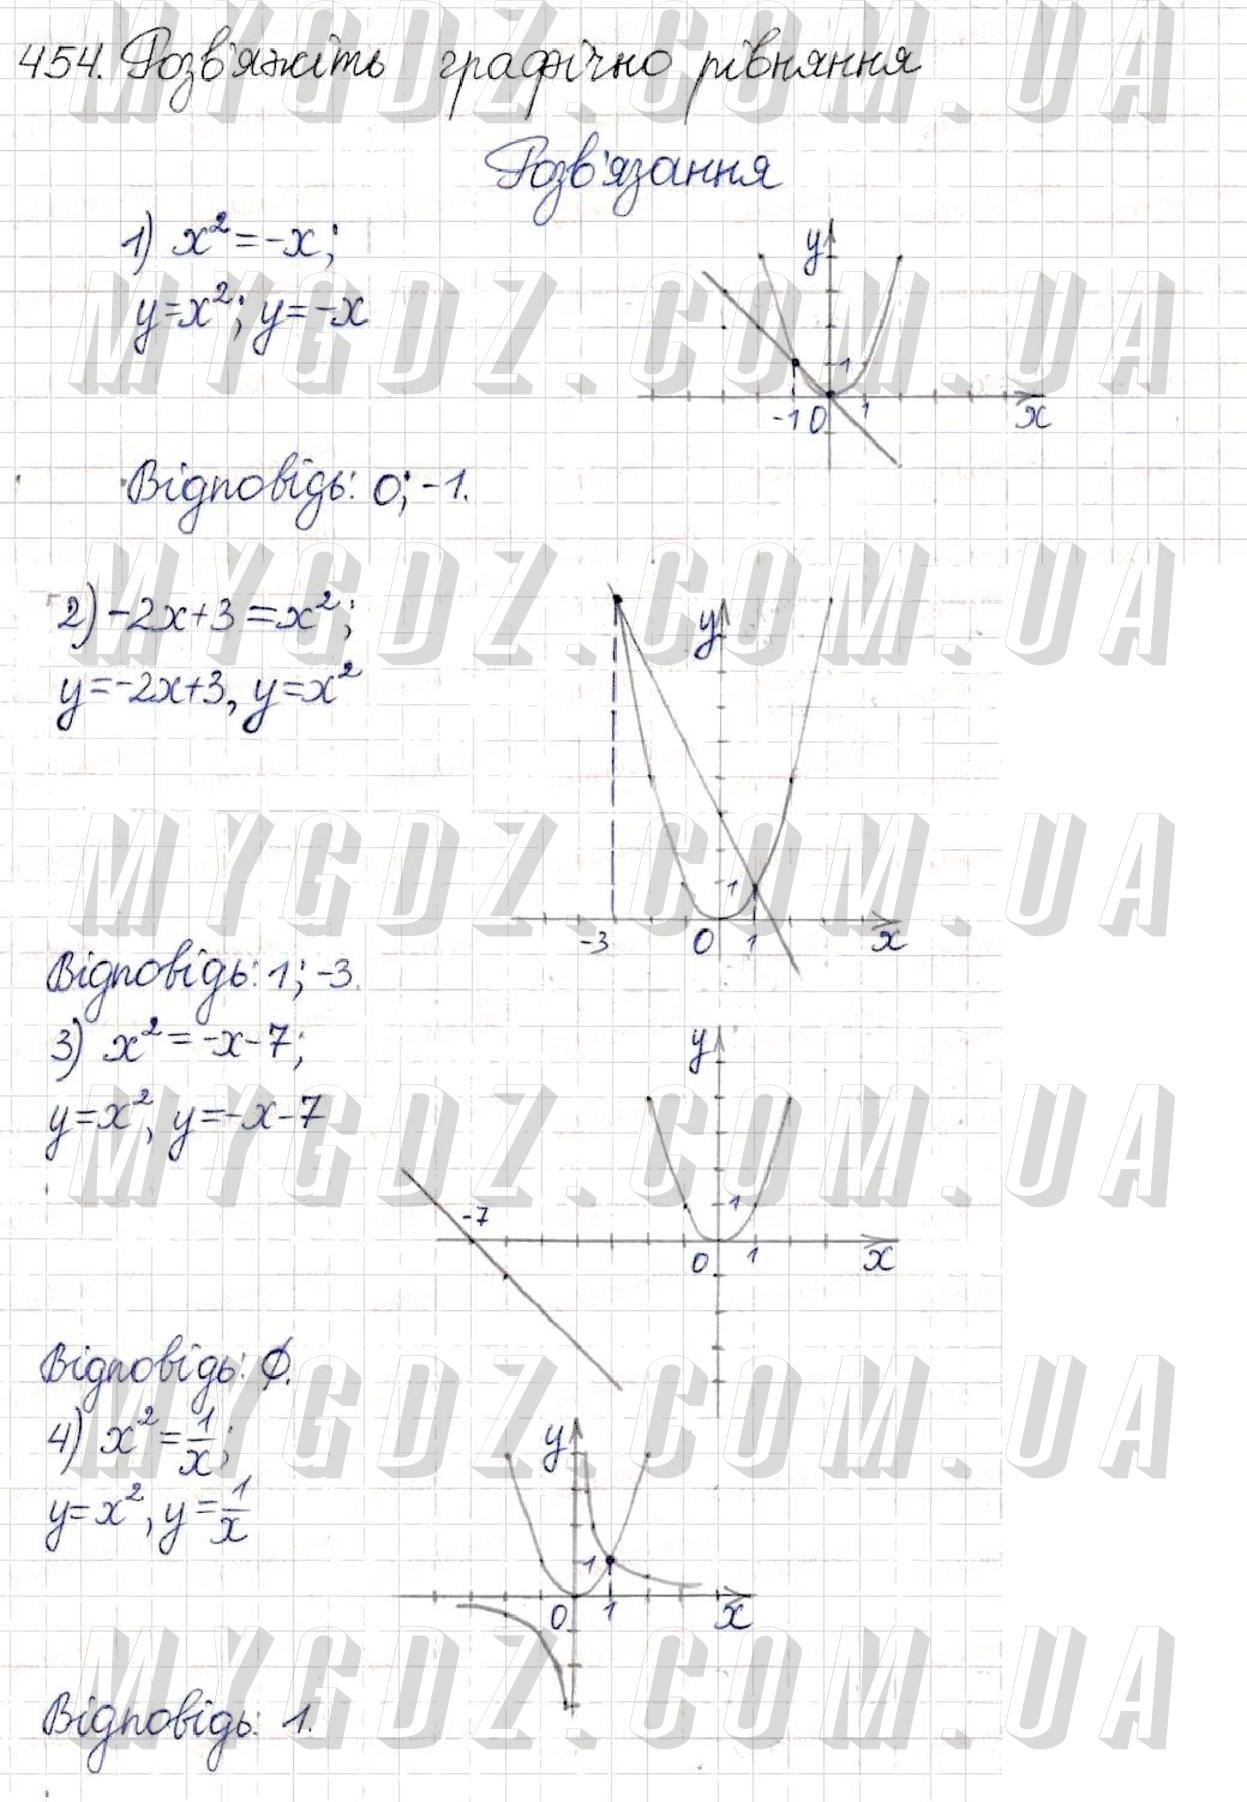 ГДЗ номер 454 до підручника з алгебри Тарасенкова, Богатирьова 8 клас